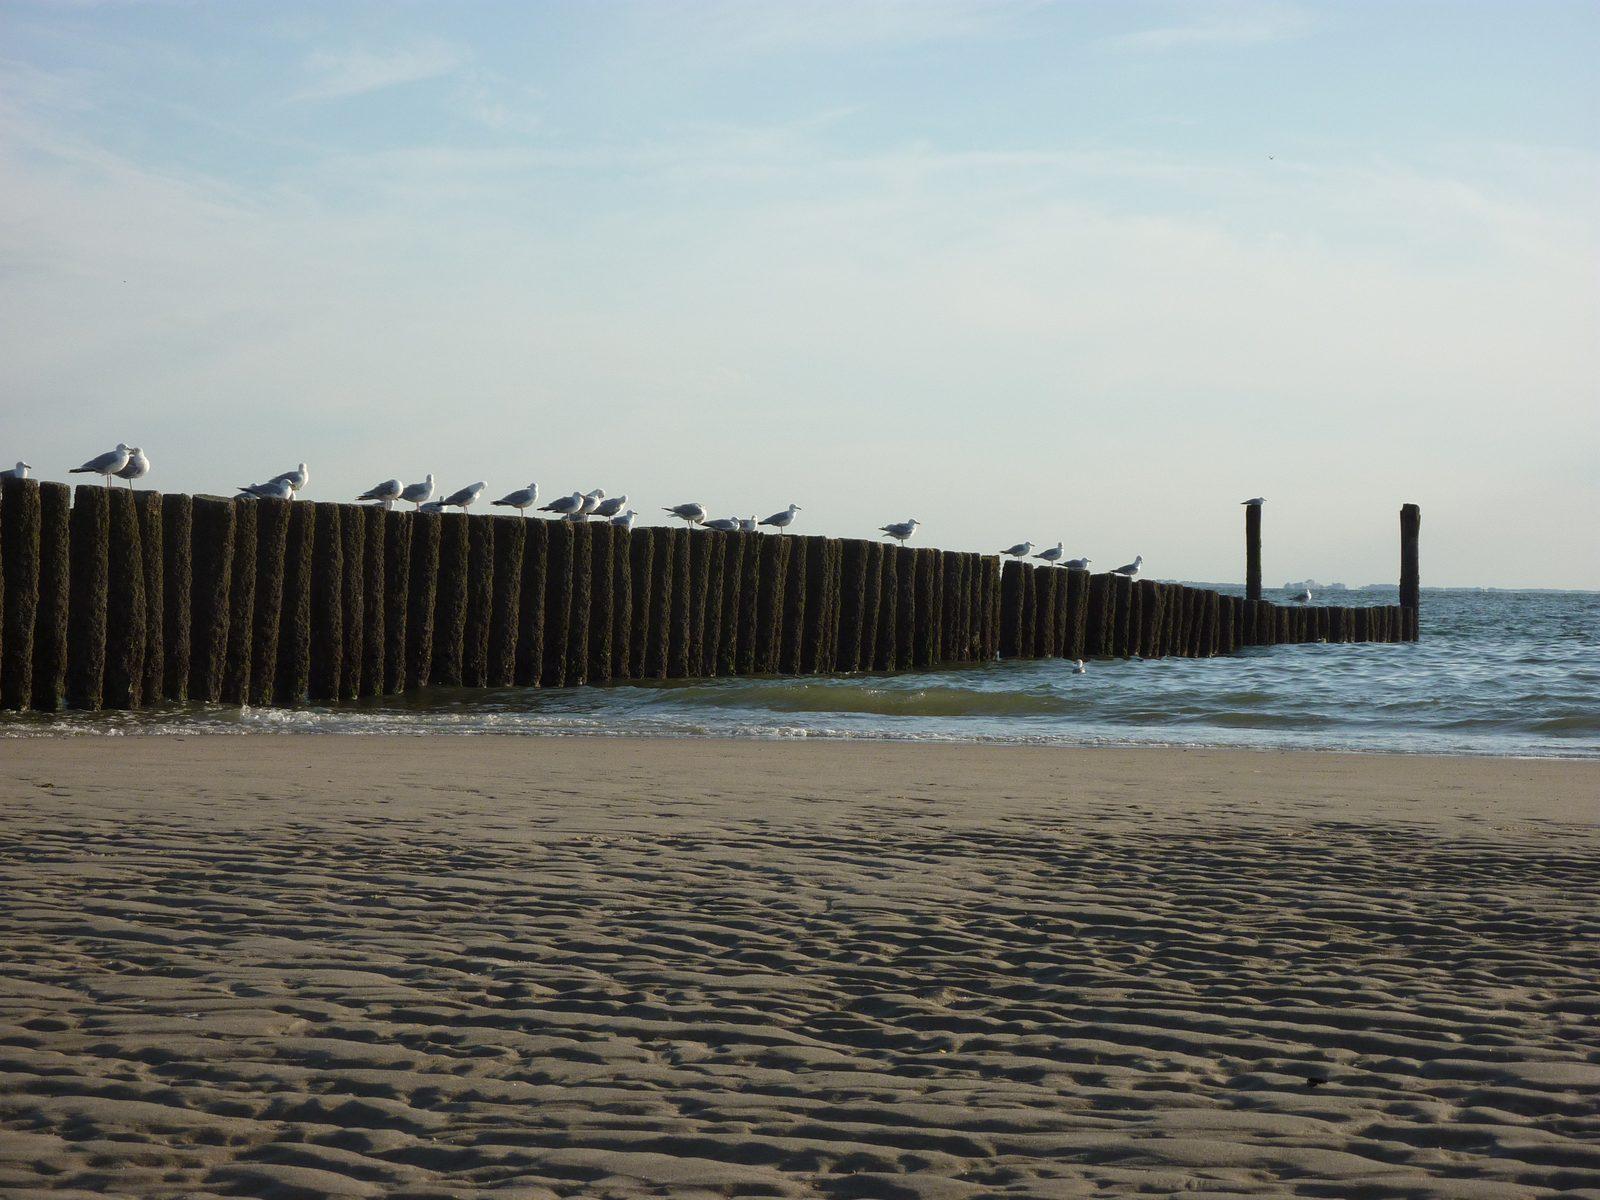 Strand Pfahlköpfe